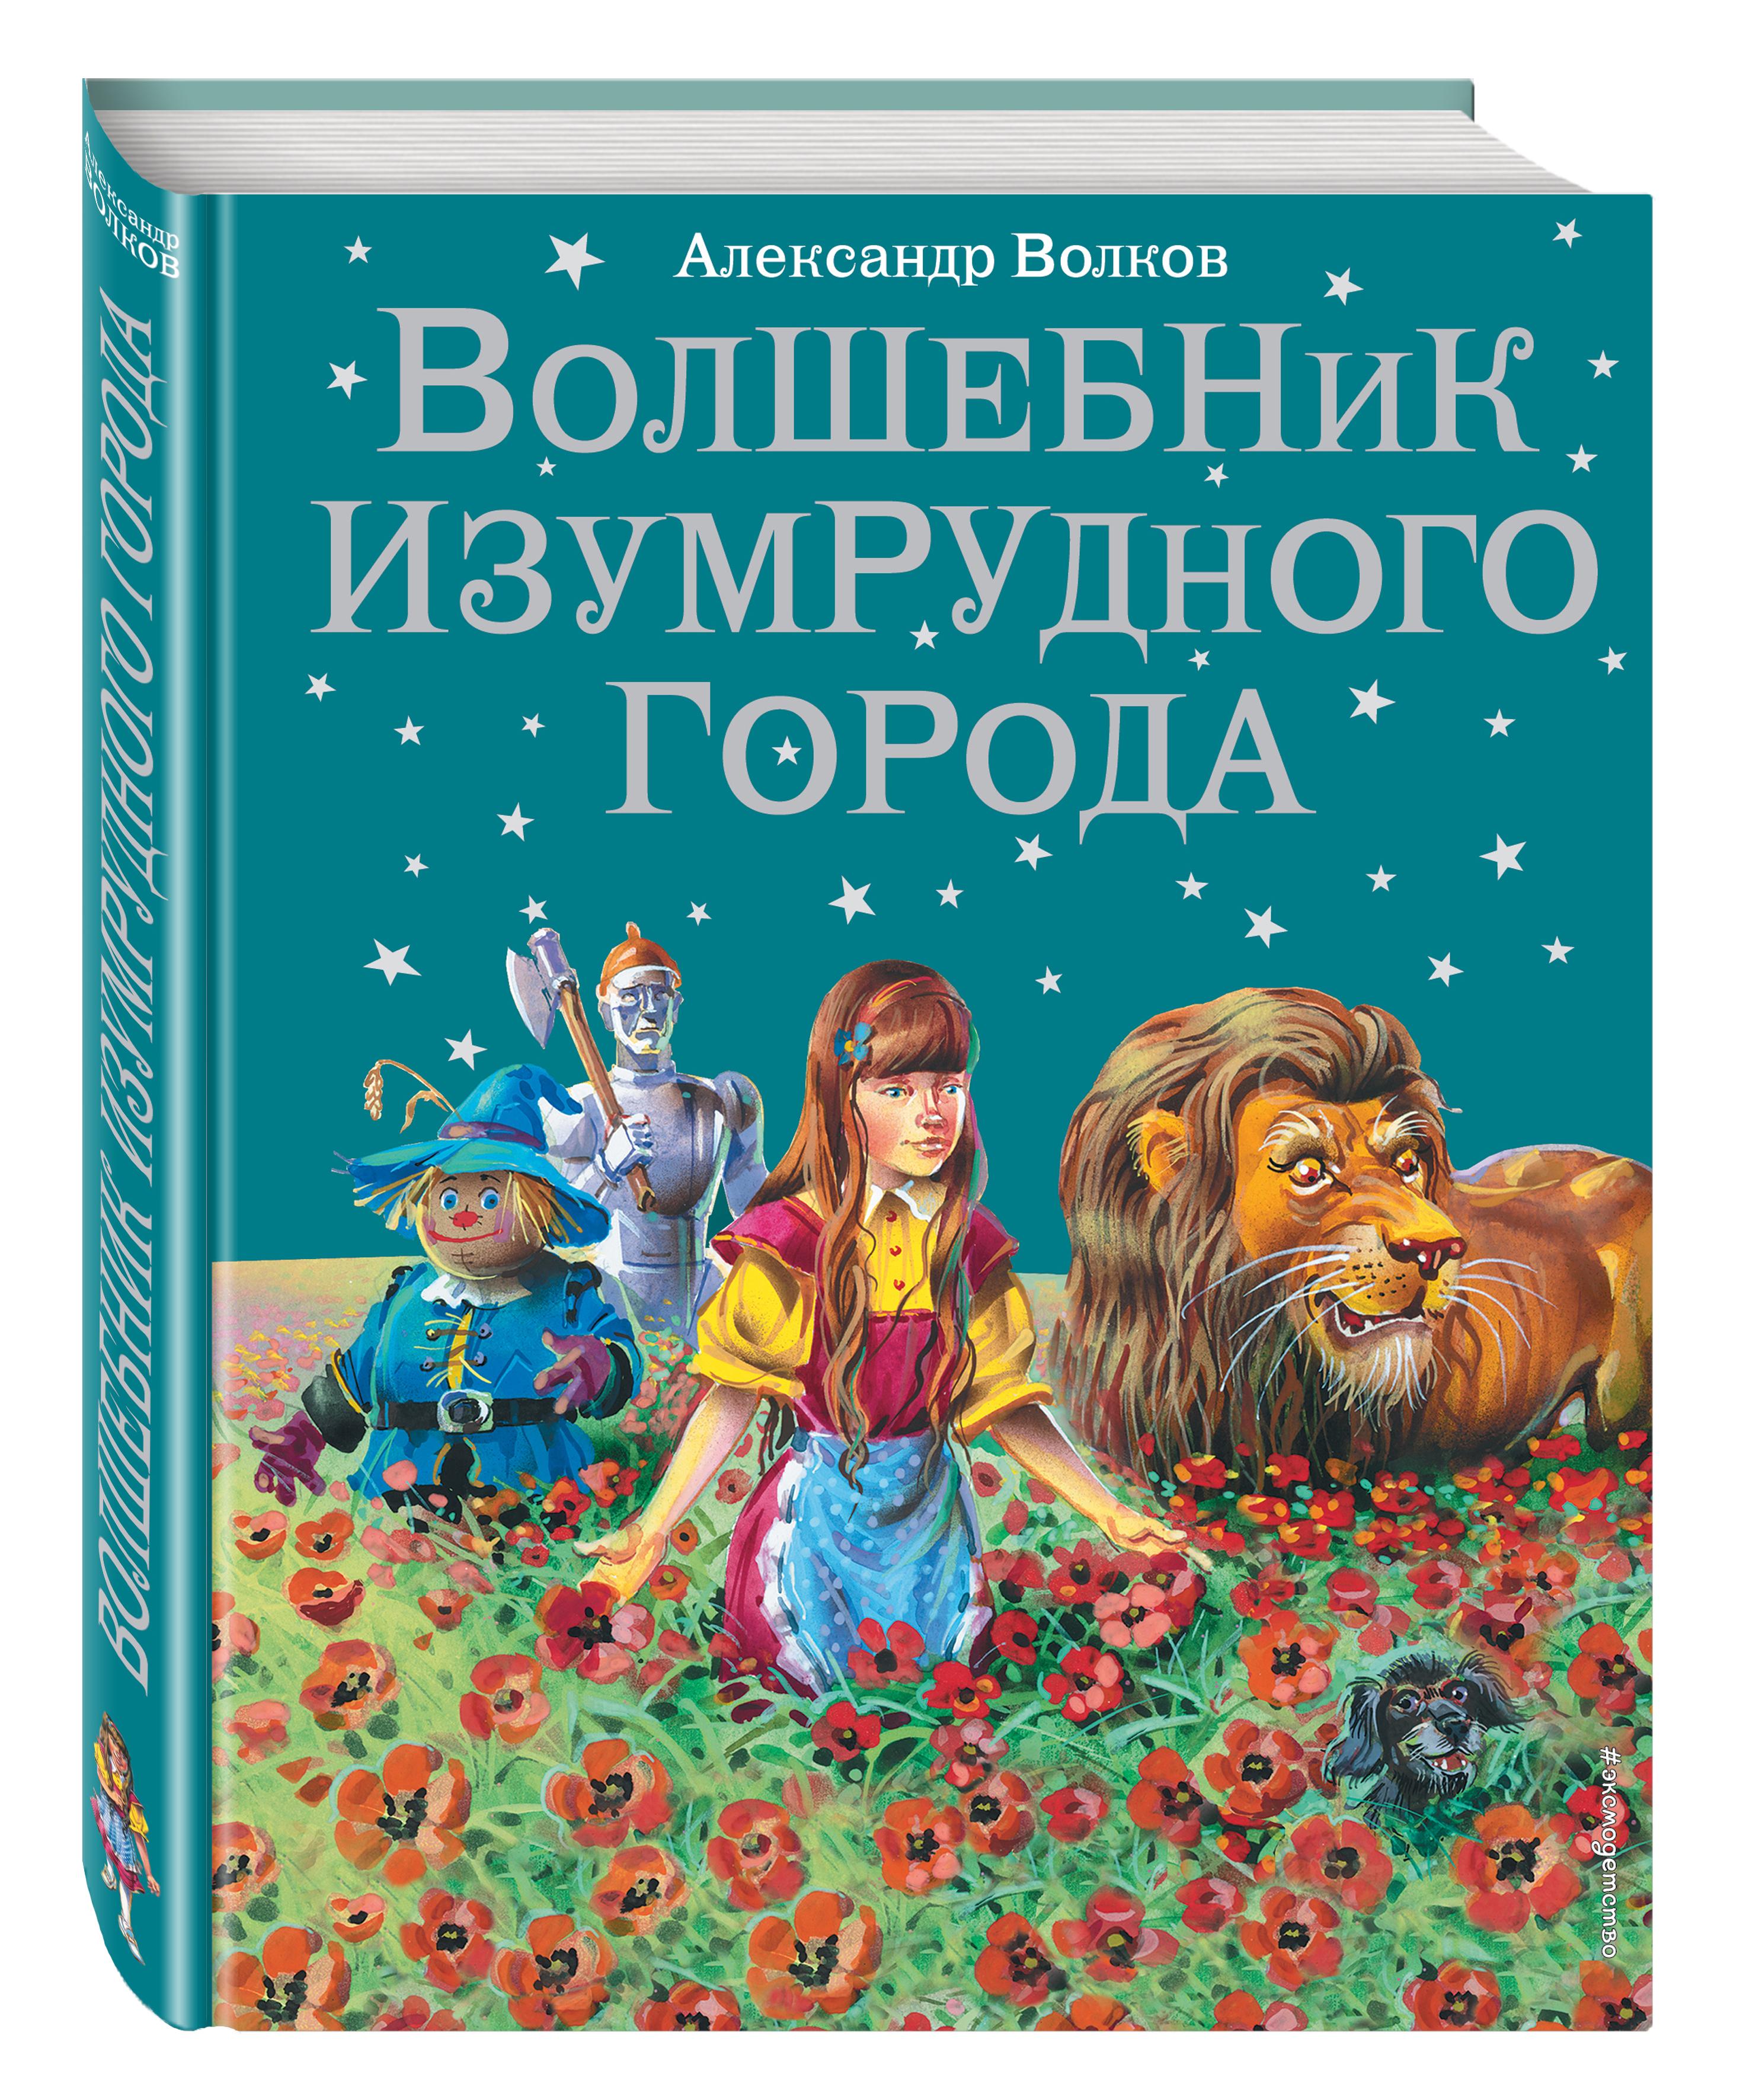 Купить Волшебник Изумрудного города, Эксмо, Детская художественная литература